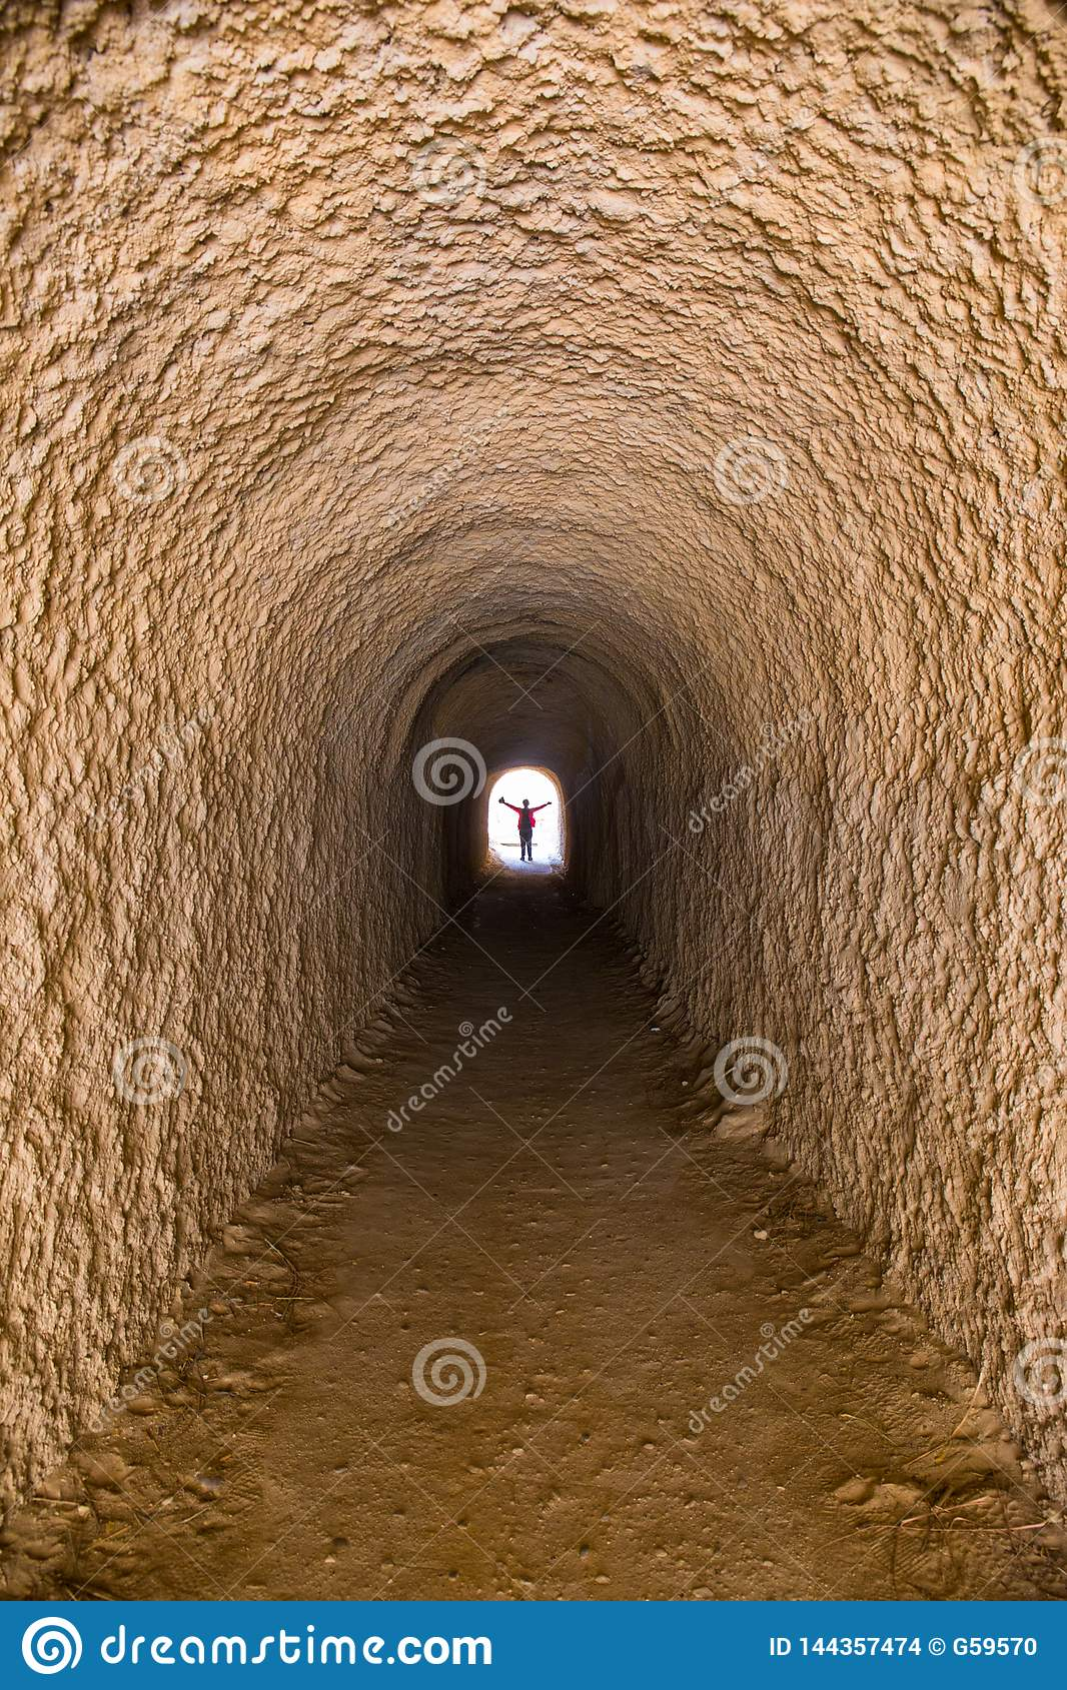 Тоннель который может приспособить только одного человека, глубокий, загадочный, неимоверного